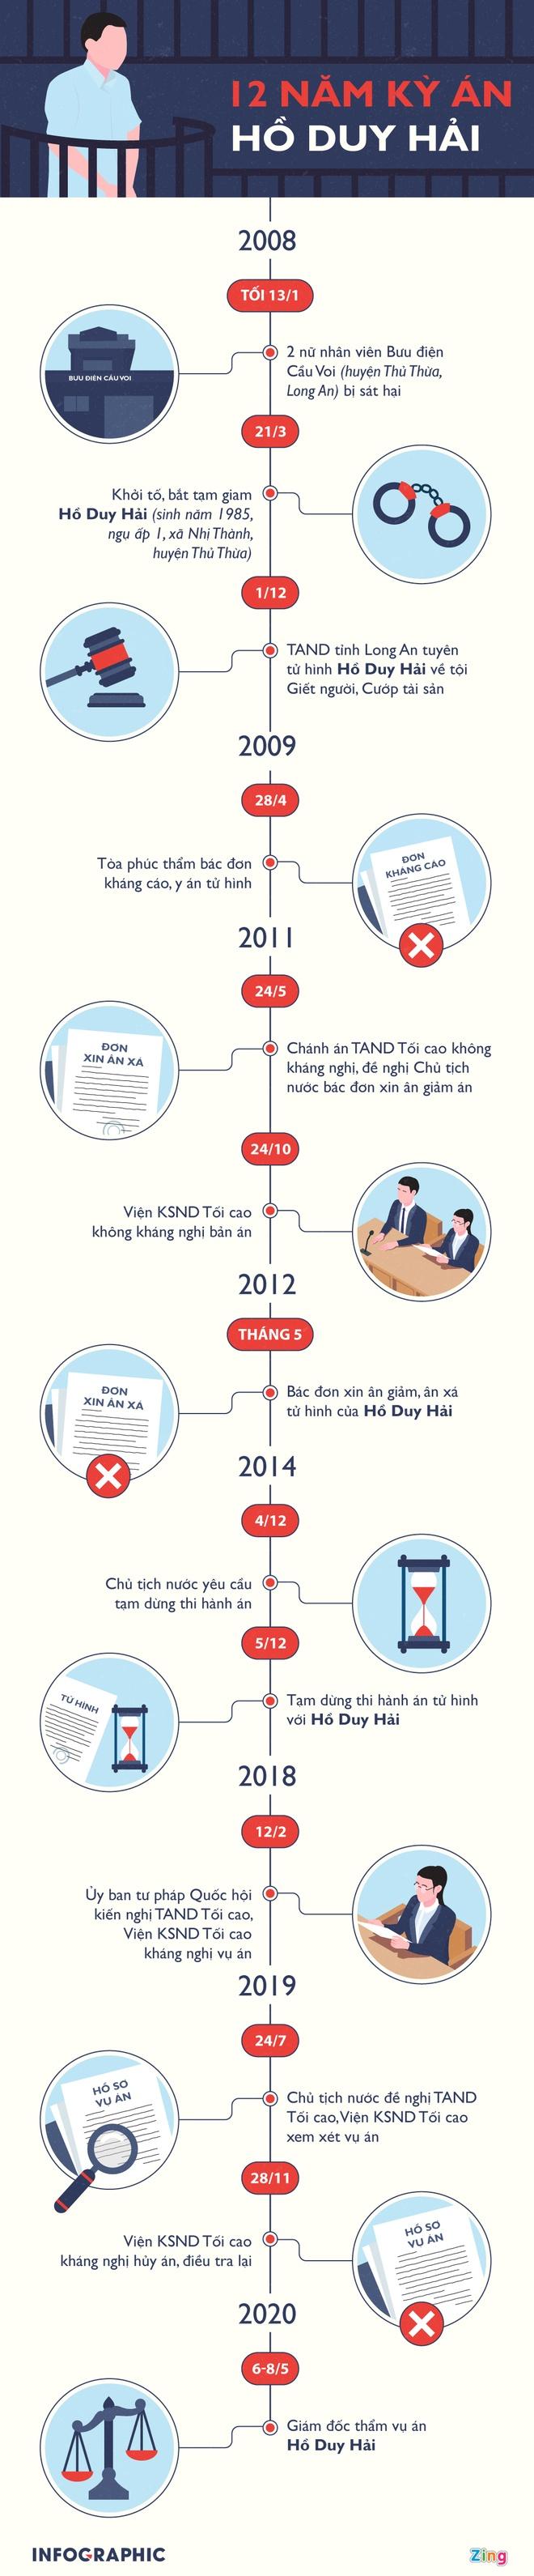 Giam doc tham bac khang nghi, vu an Ho Duy Hai se dien bien the nao? hinh anh 2 info_1_.jpg